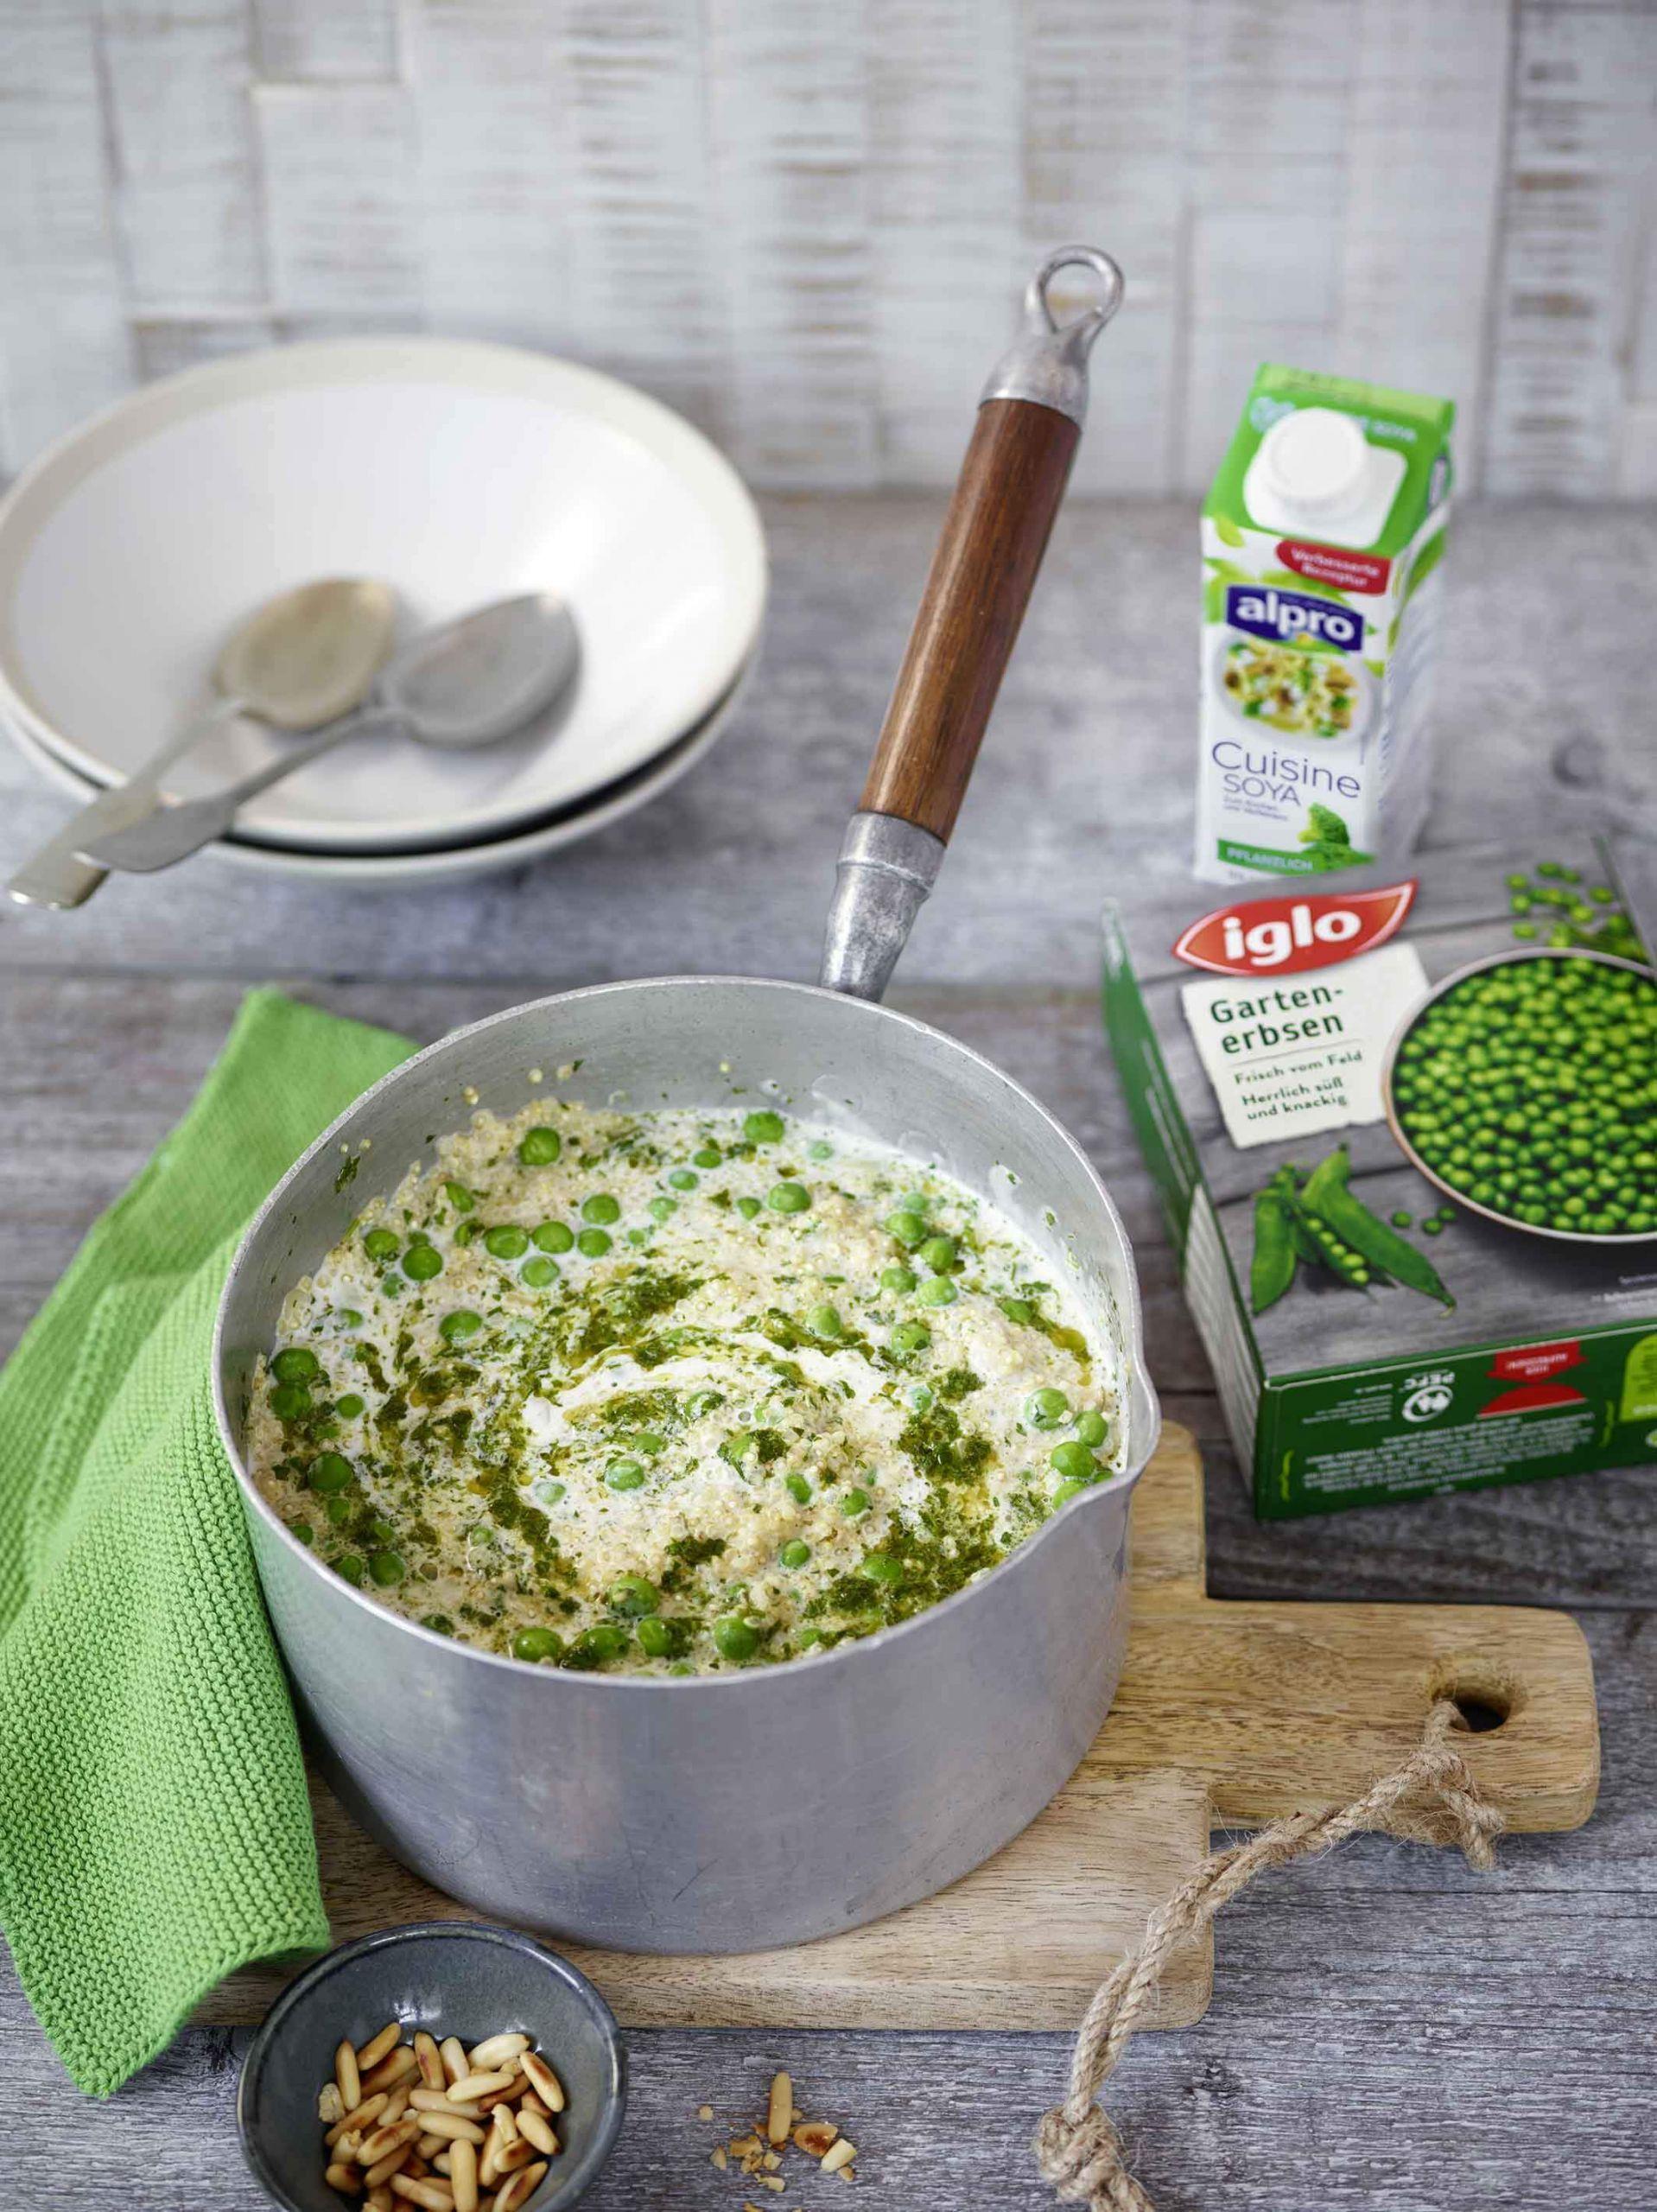 iglo alpro erbsen quinoa risotto